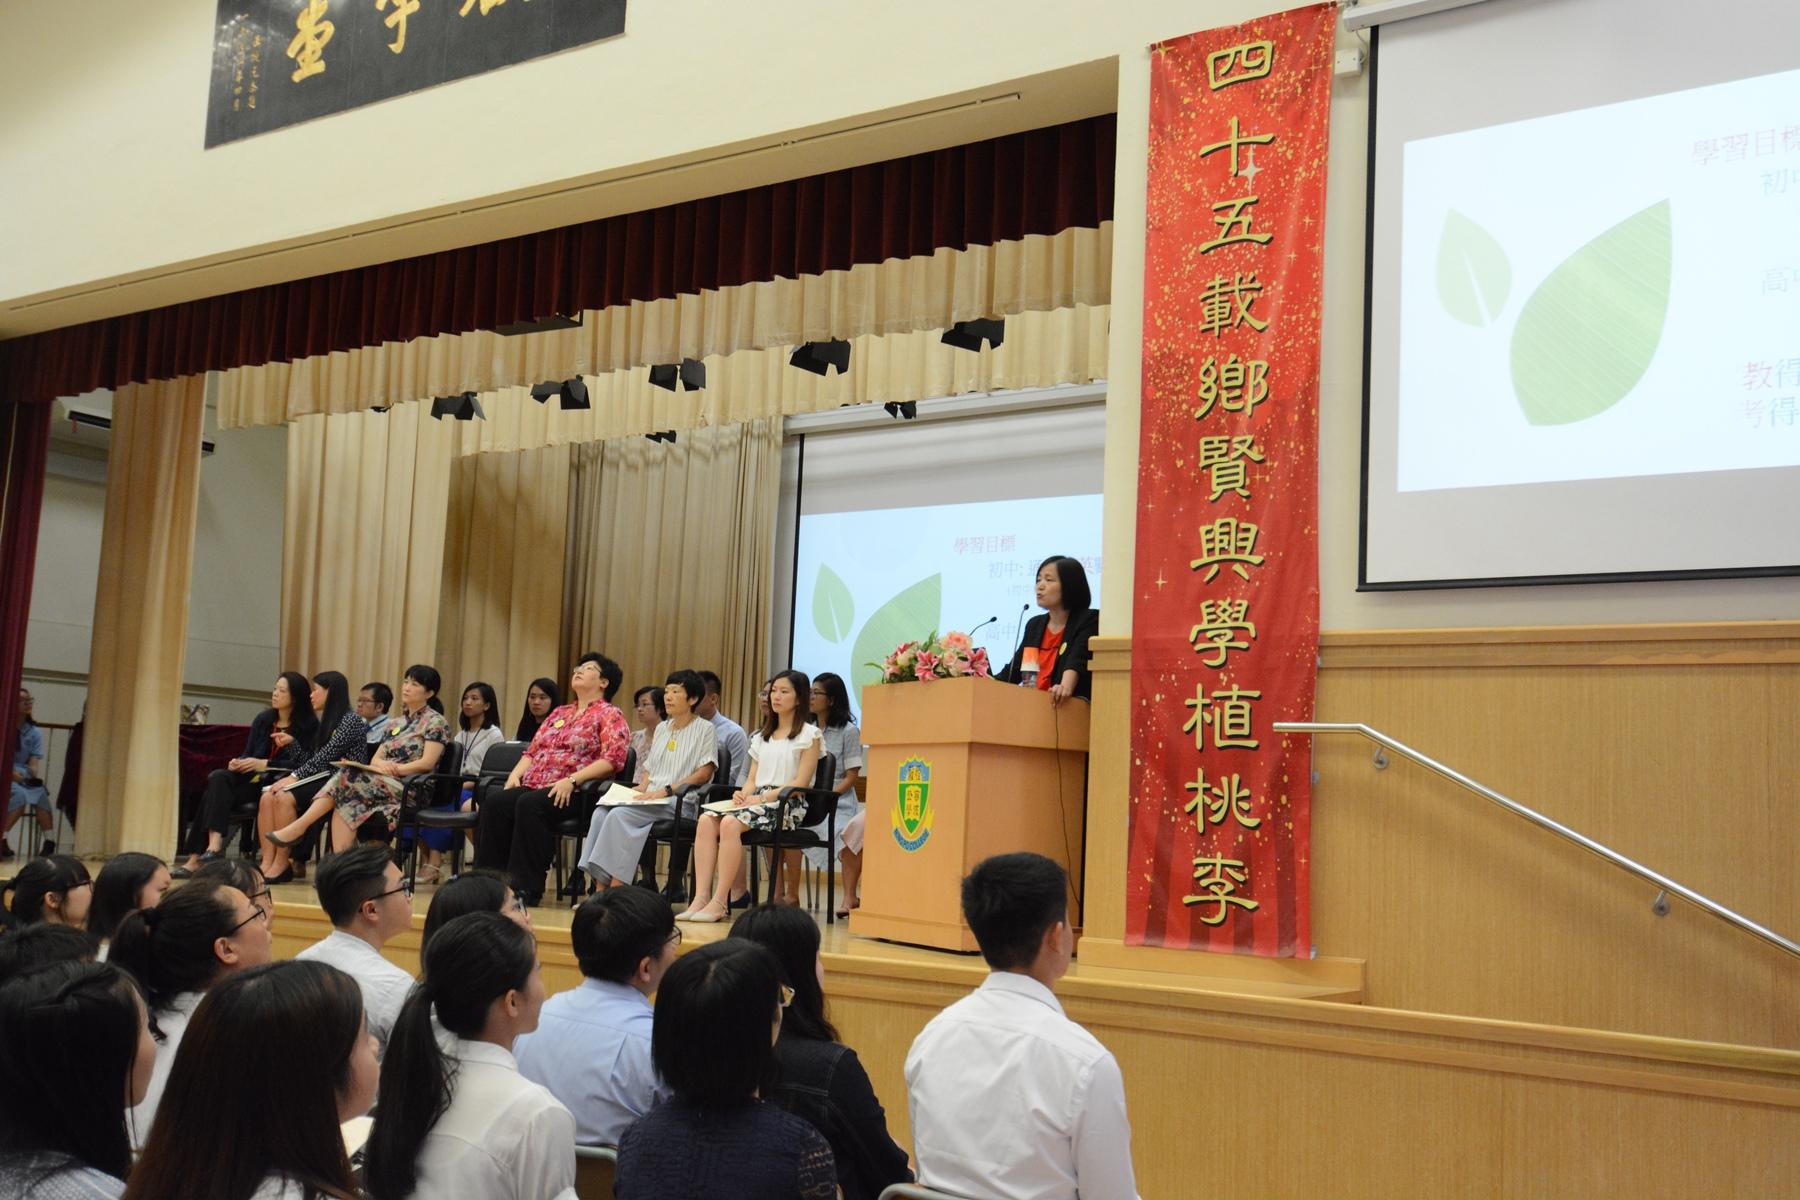 https://www.npc.edu.hk/sites/default/files/dsc_2838.jpg